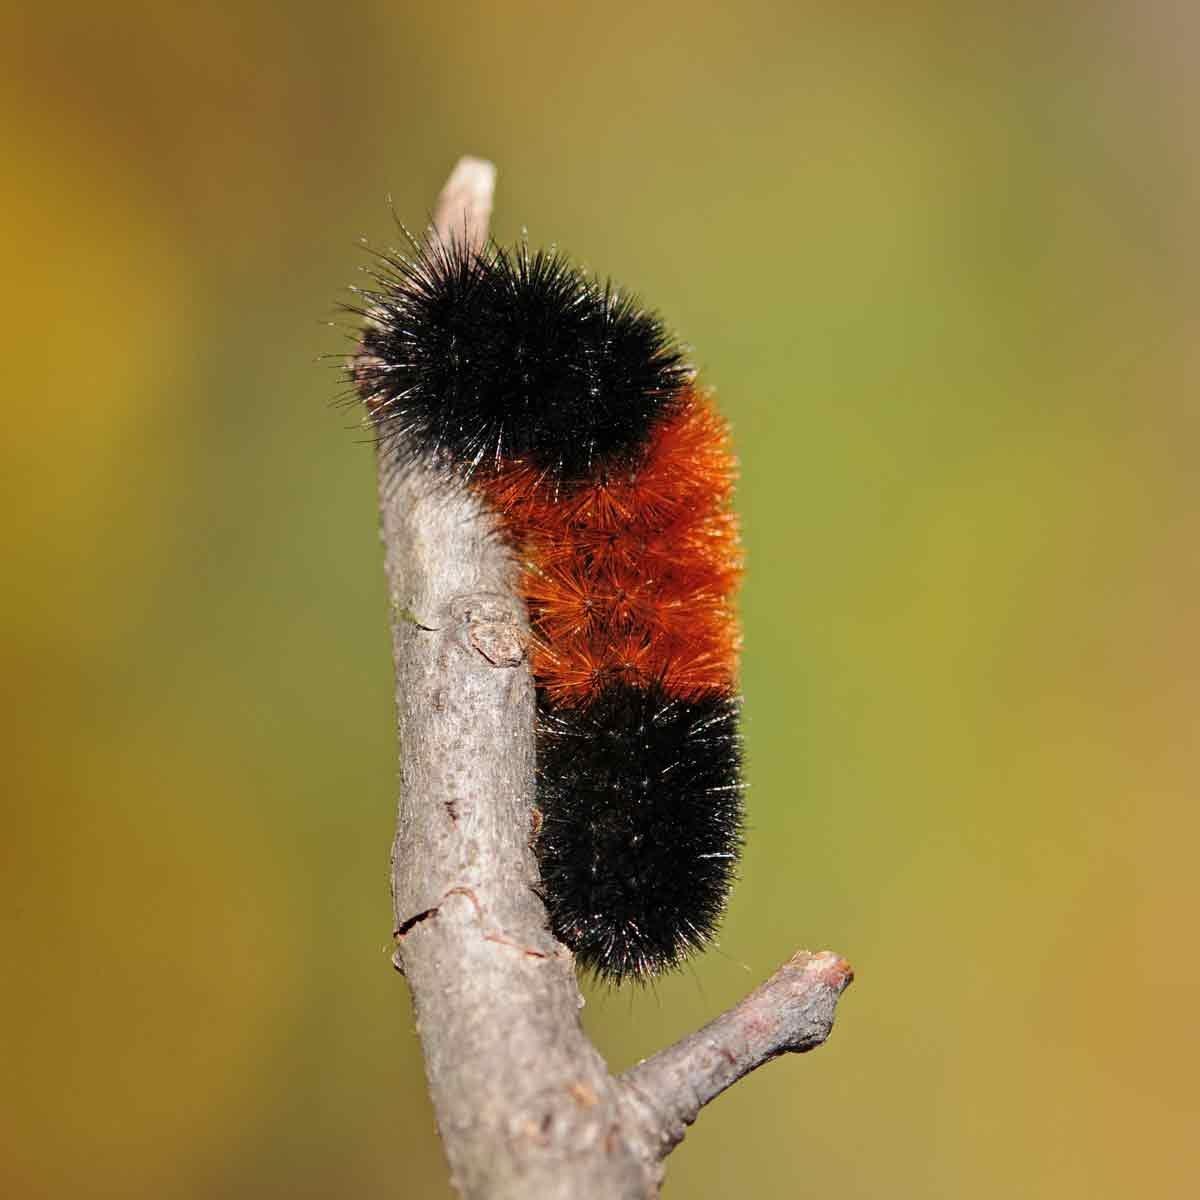 Woolly-caterpillar